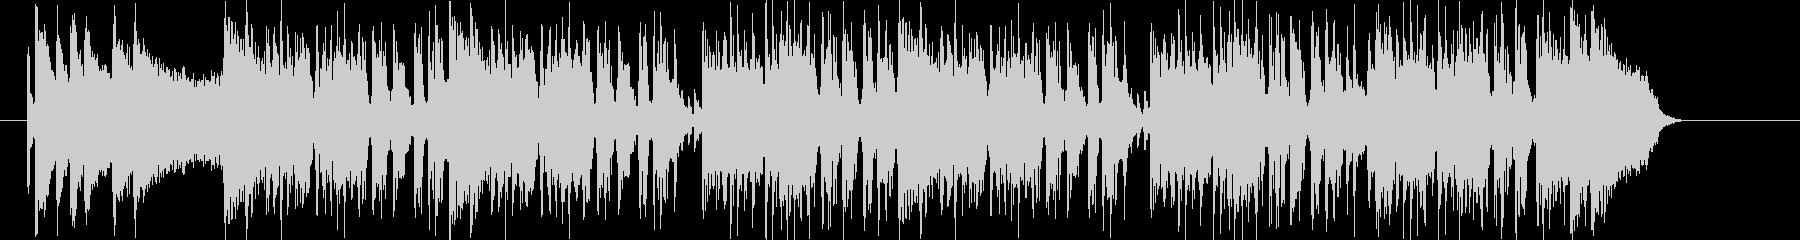 アップテンポなロックナンバーの未再生の波形